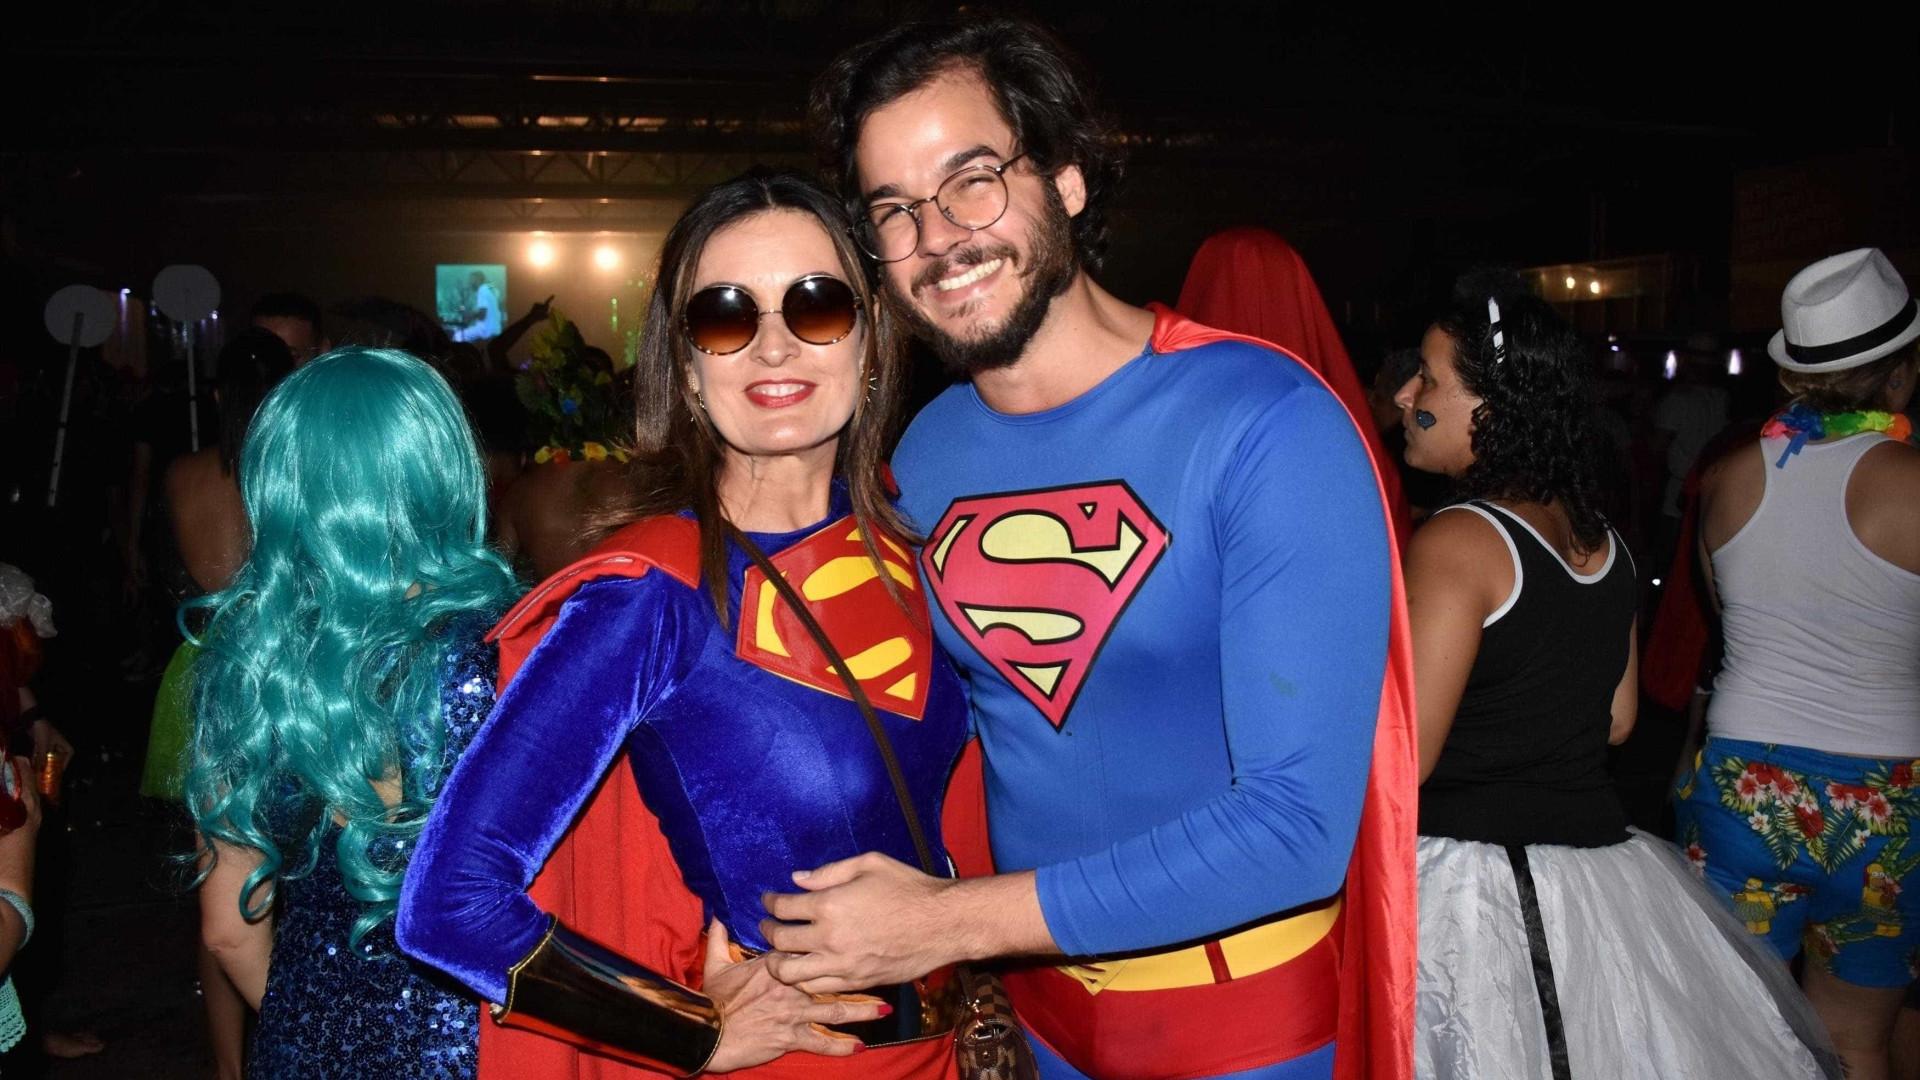 fb3aa2710 Fátima e Túlio curtem carnaval com fantasias de Supergirl e Super-Homem